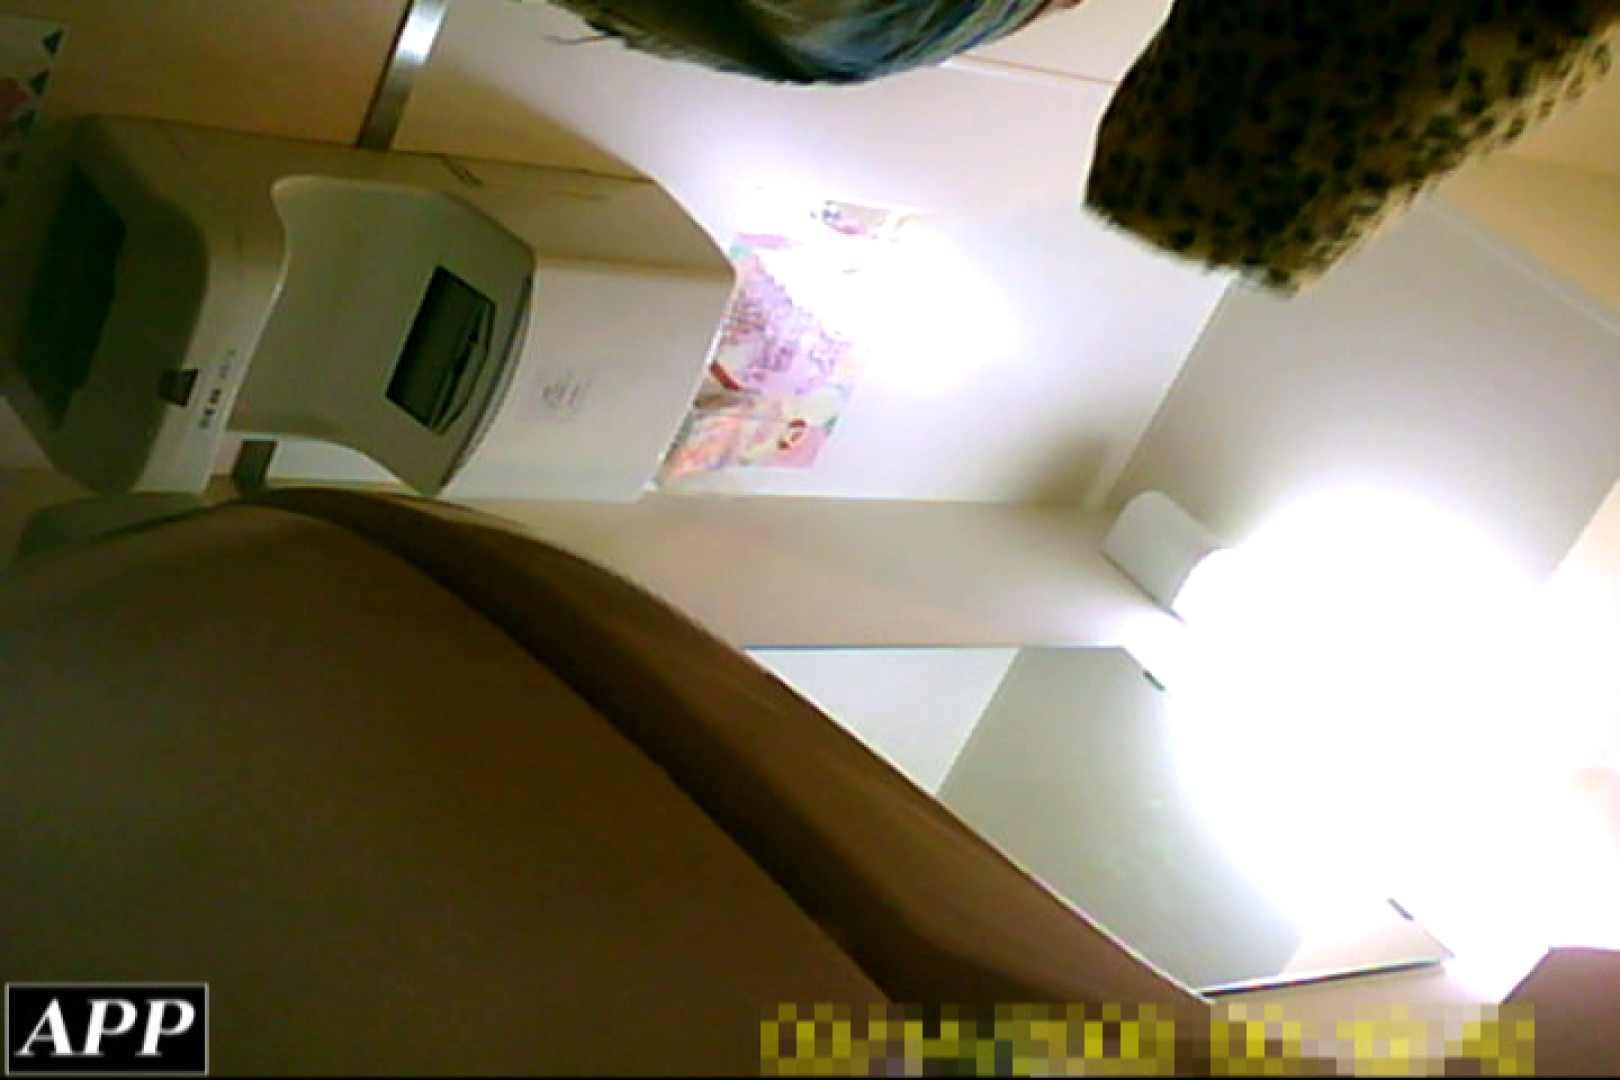 3視点洗面所 vol.19 洗面所 | 盗撮  83画像 26